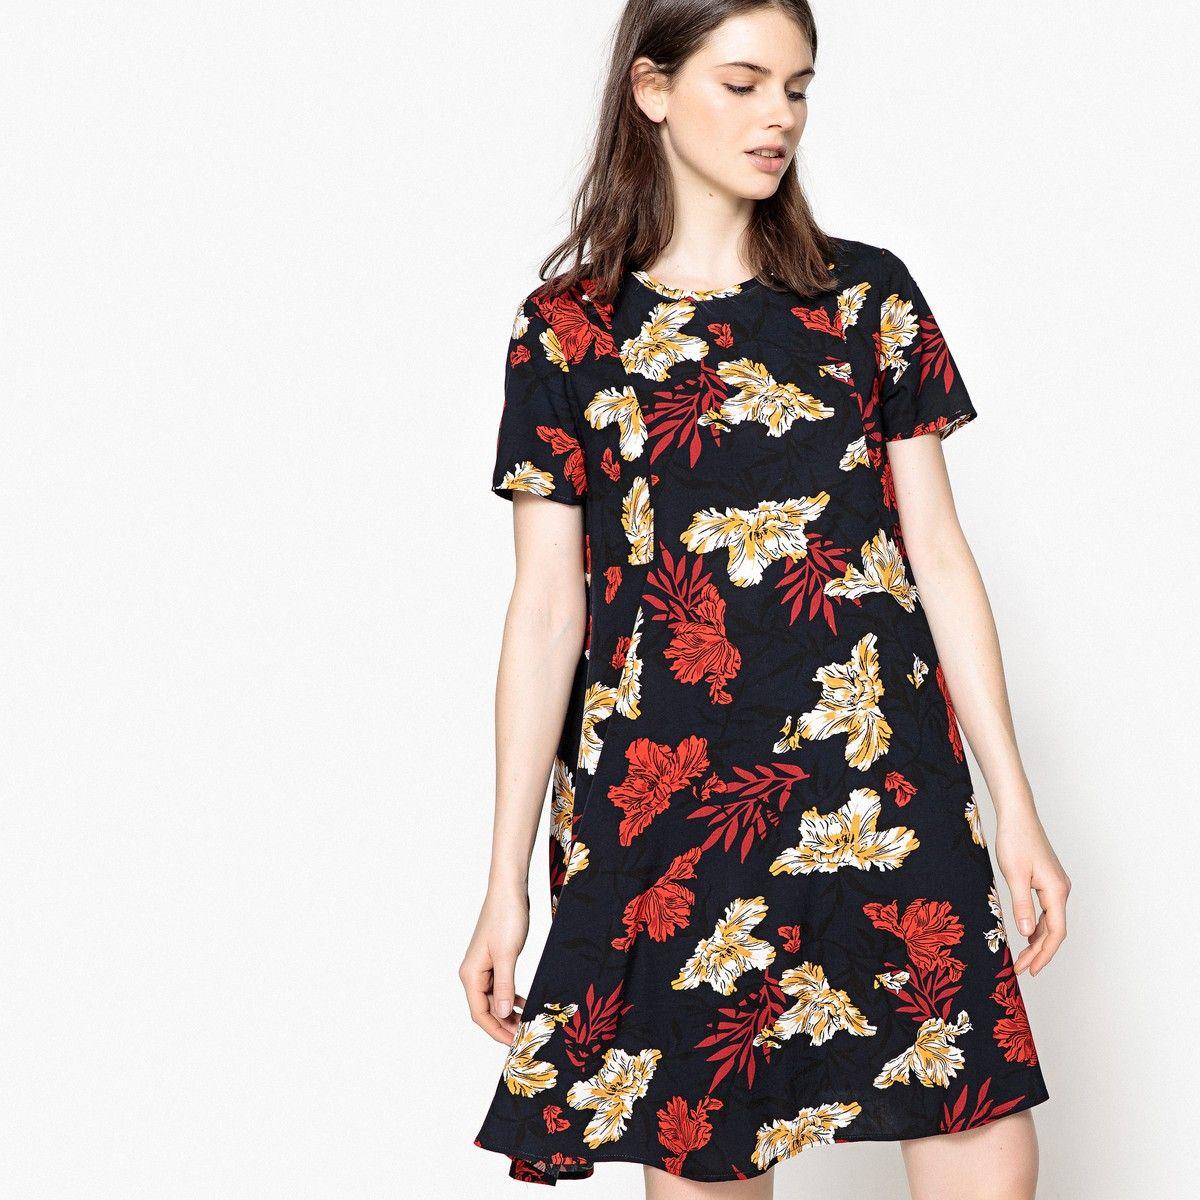 Sklep Z Sukienkami Mlodziezowymi Online Sklep Internetowy Sukienki Tanie Sukienki Damskie Letnie Sukienka Wiosn Dresses Summer Dresses Summer Party Dress